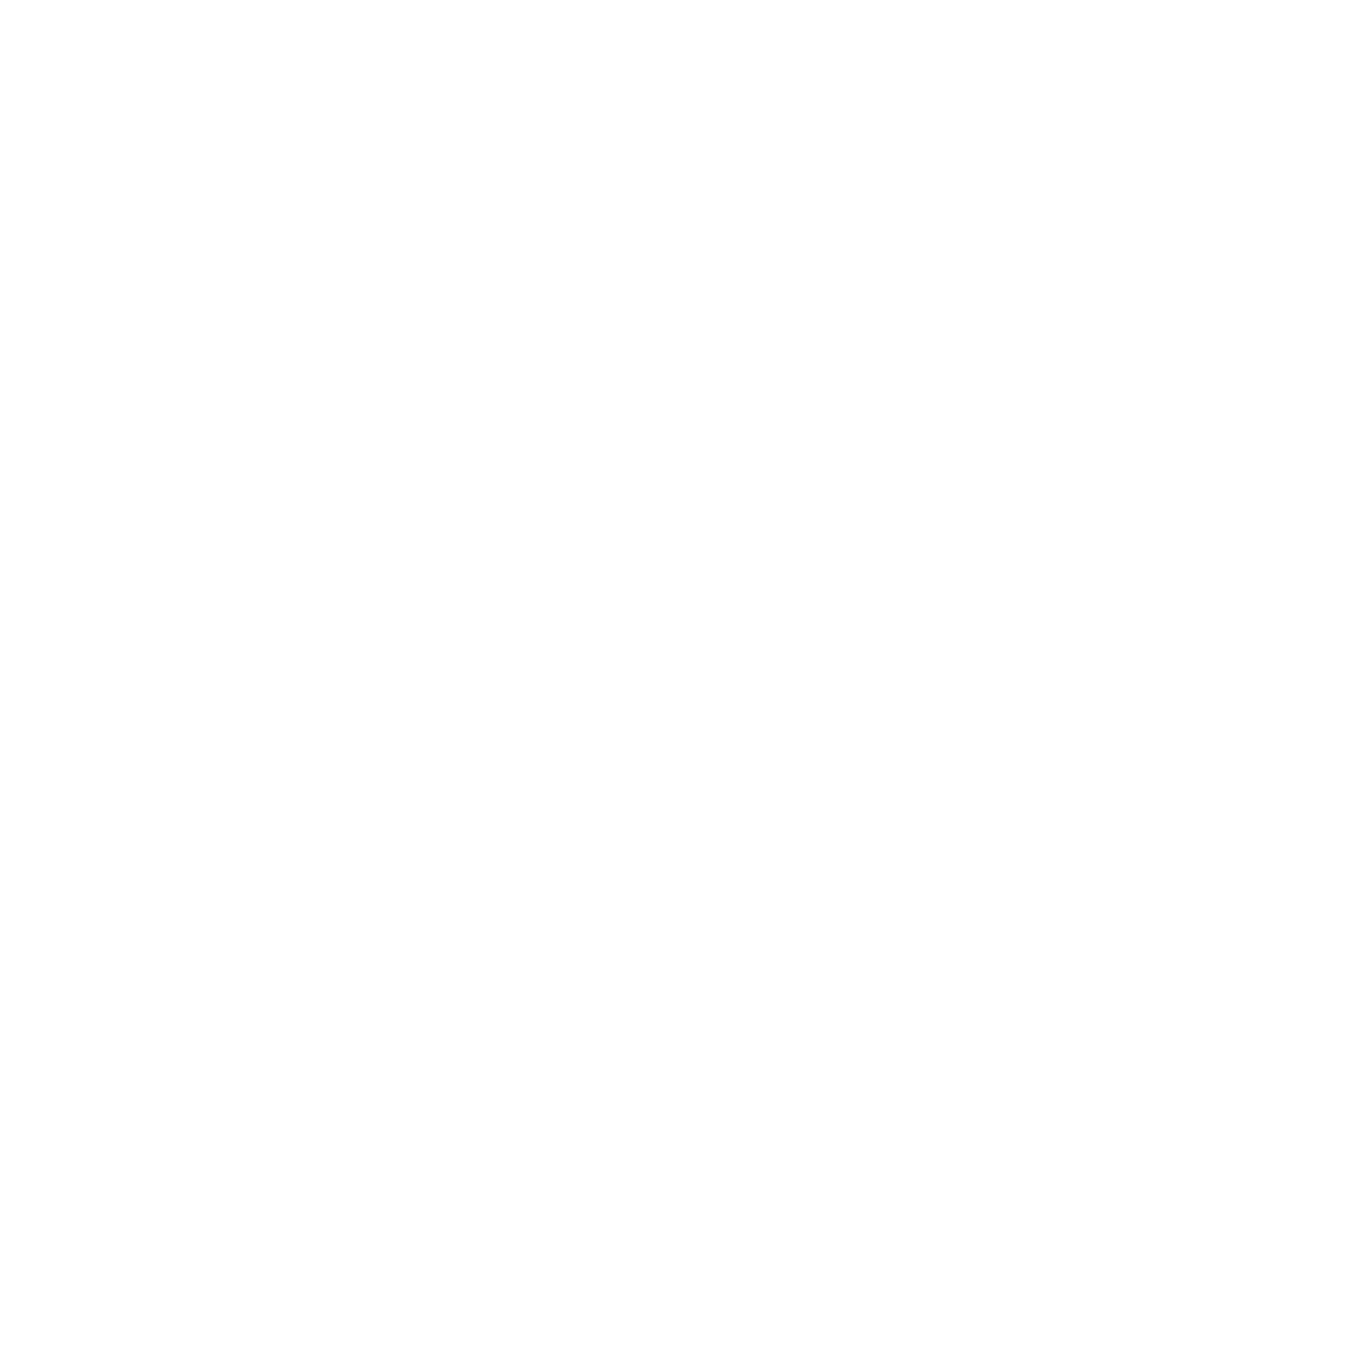 絶滅した市民怠な脱毛器 レディース シェーバー 1台4役多機能 女性 ムダ毛処理 フェイスシェーバー ボディカッター 眉毛カッター 鼻毛カッター【最新改良版】電動式 超静音モーター搭載 全身用脱毛器 ヘッド交換式4点セット IPX7防水...